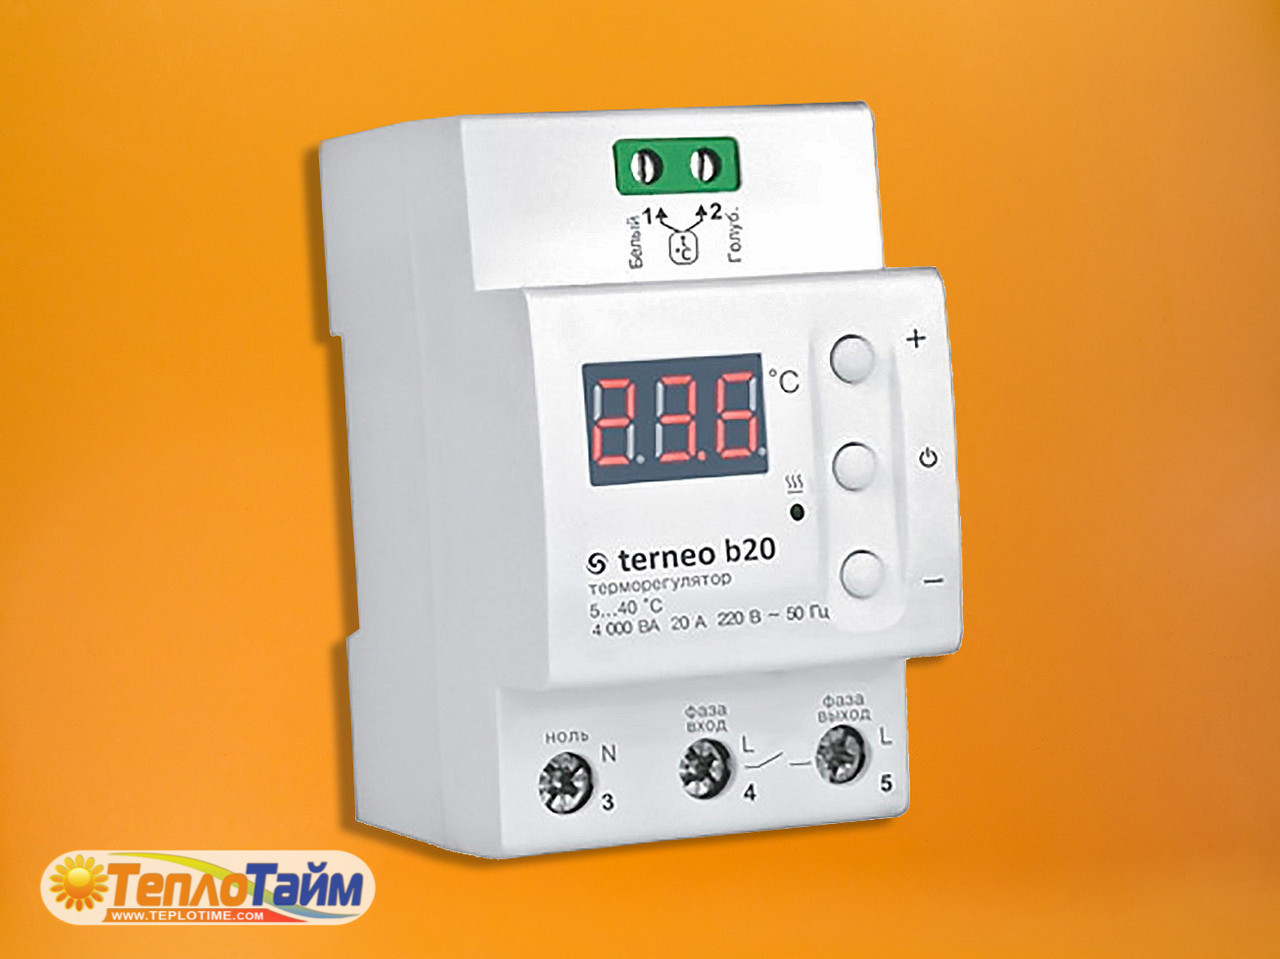 Цифровий терморегулятор підвищеної потужності terneo b20